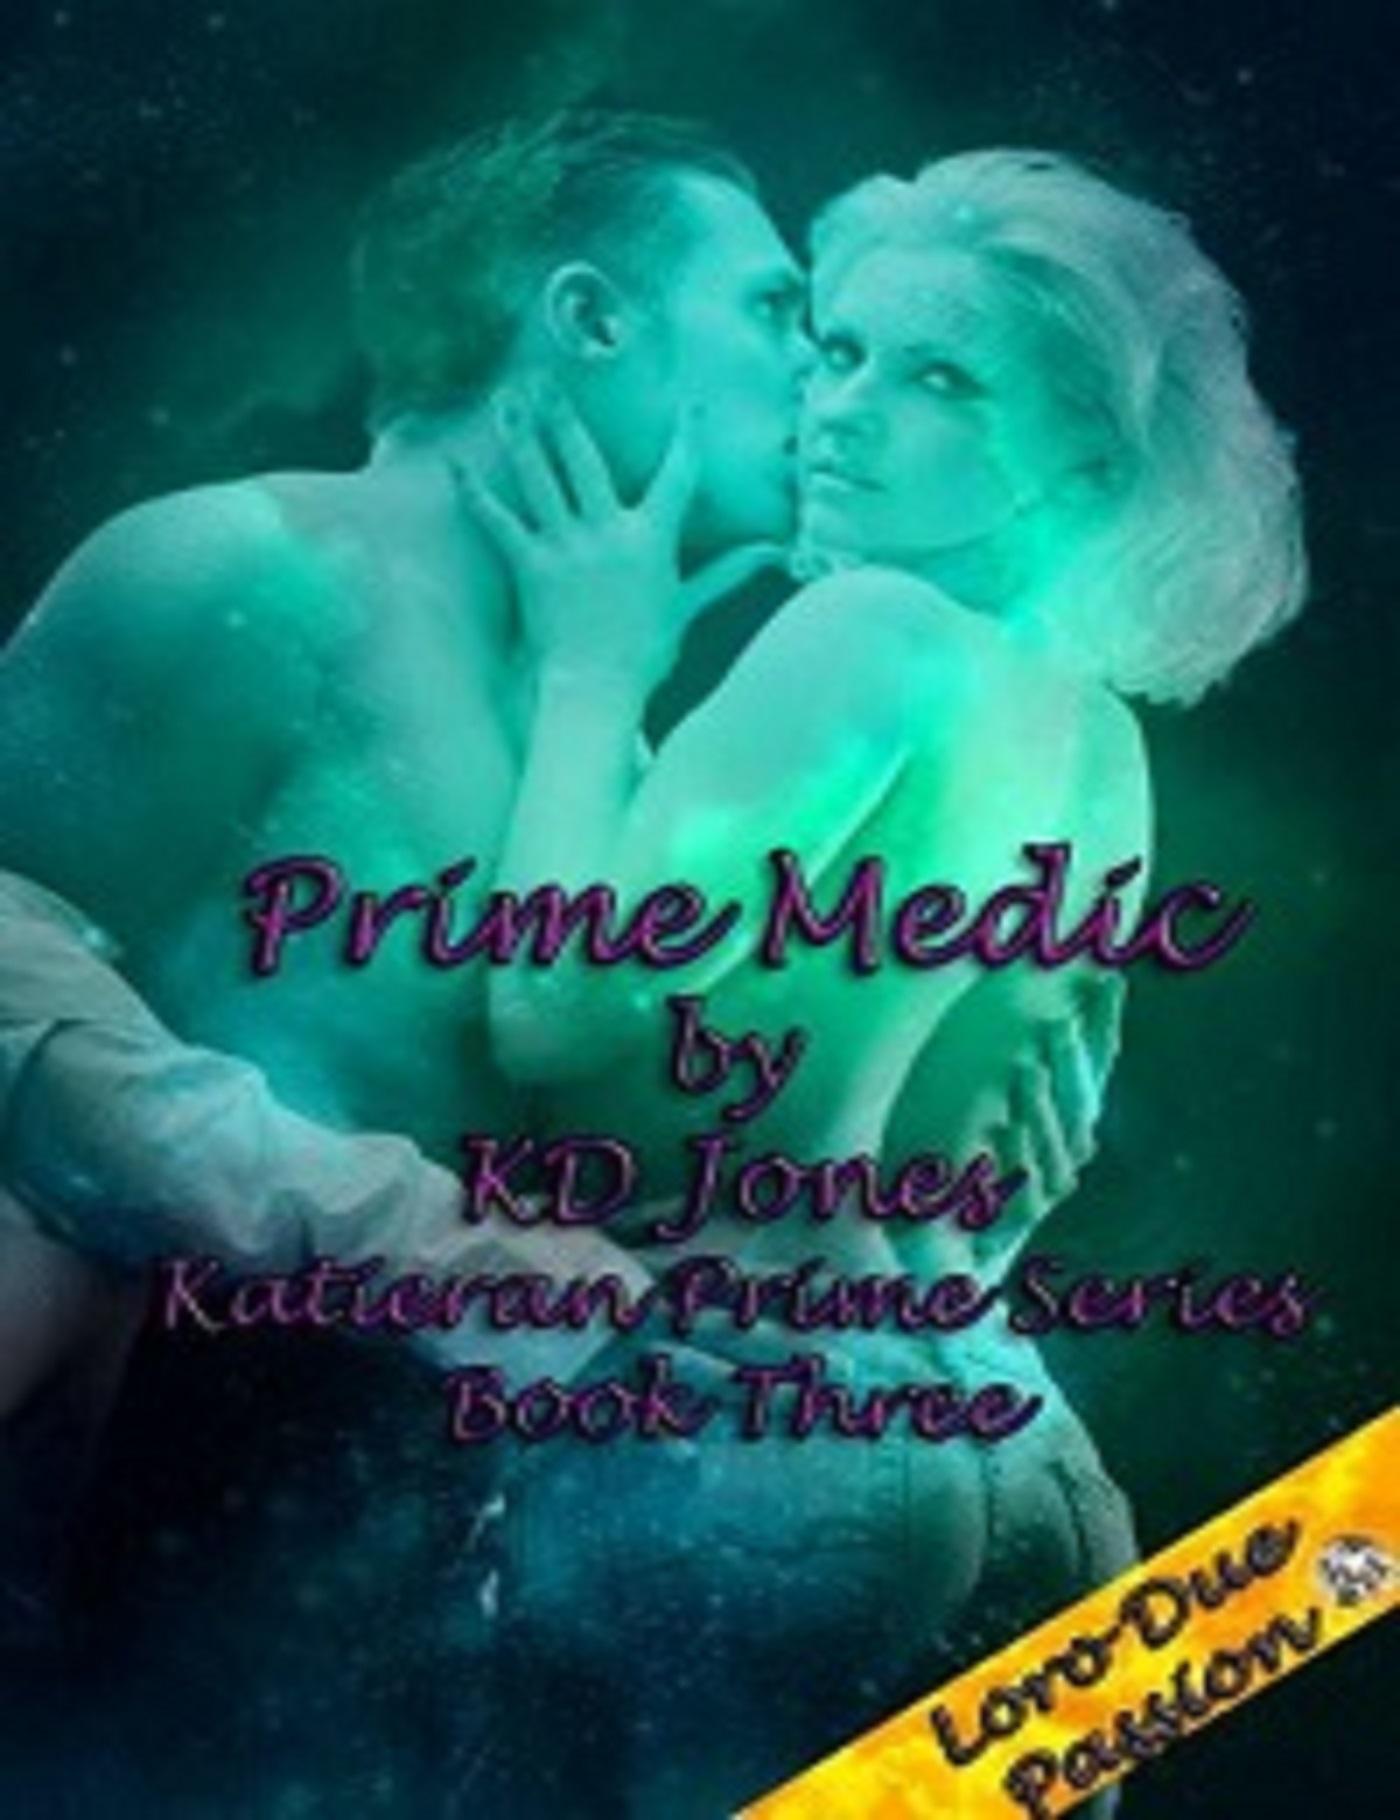 K.D. Jones - Prime Medic